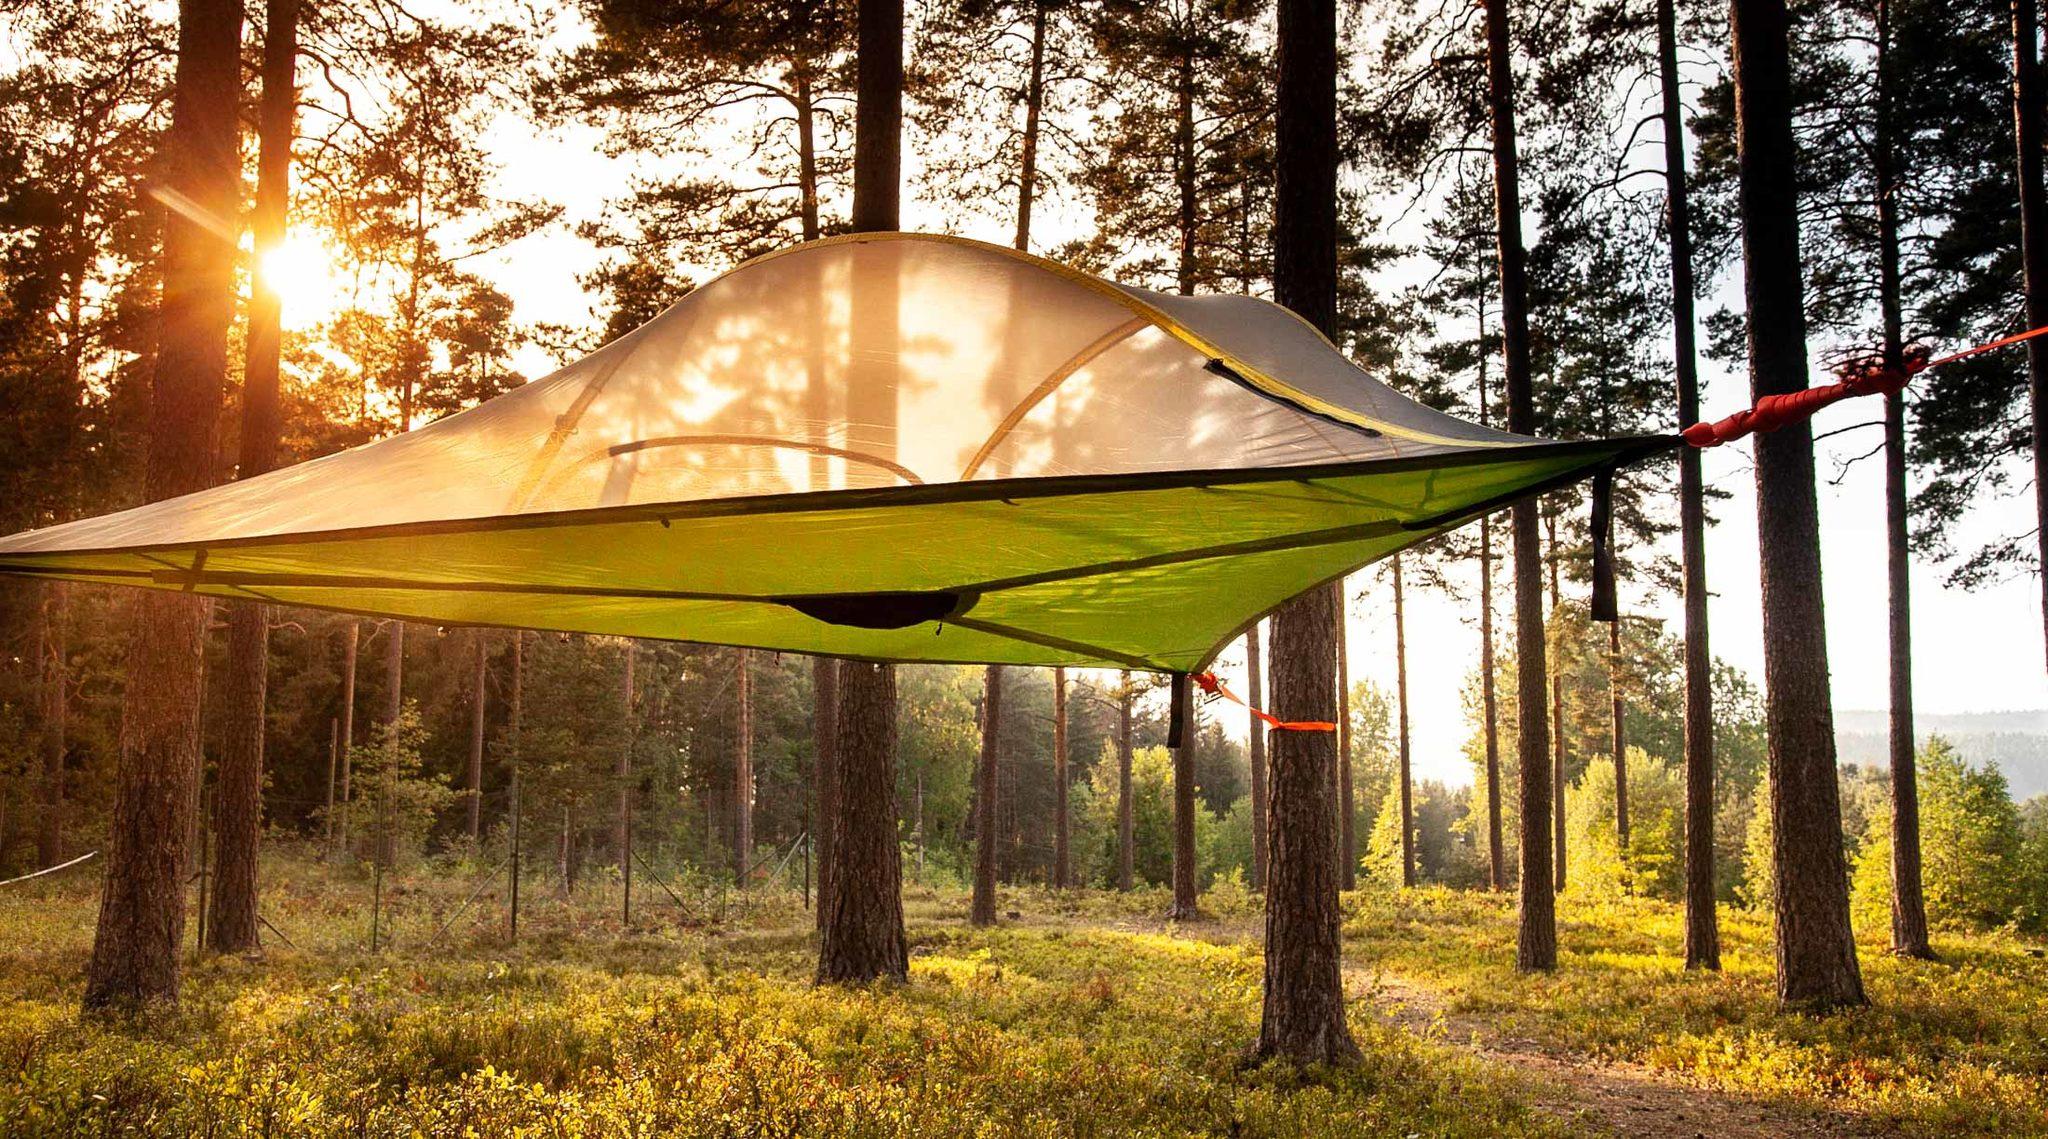 Yö kahdelle: Tentsile Camp Hiidenvesi